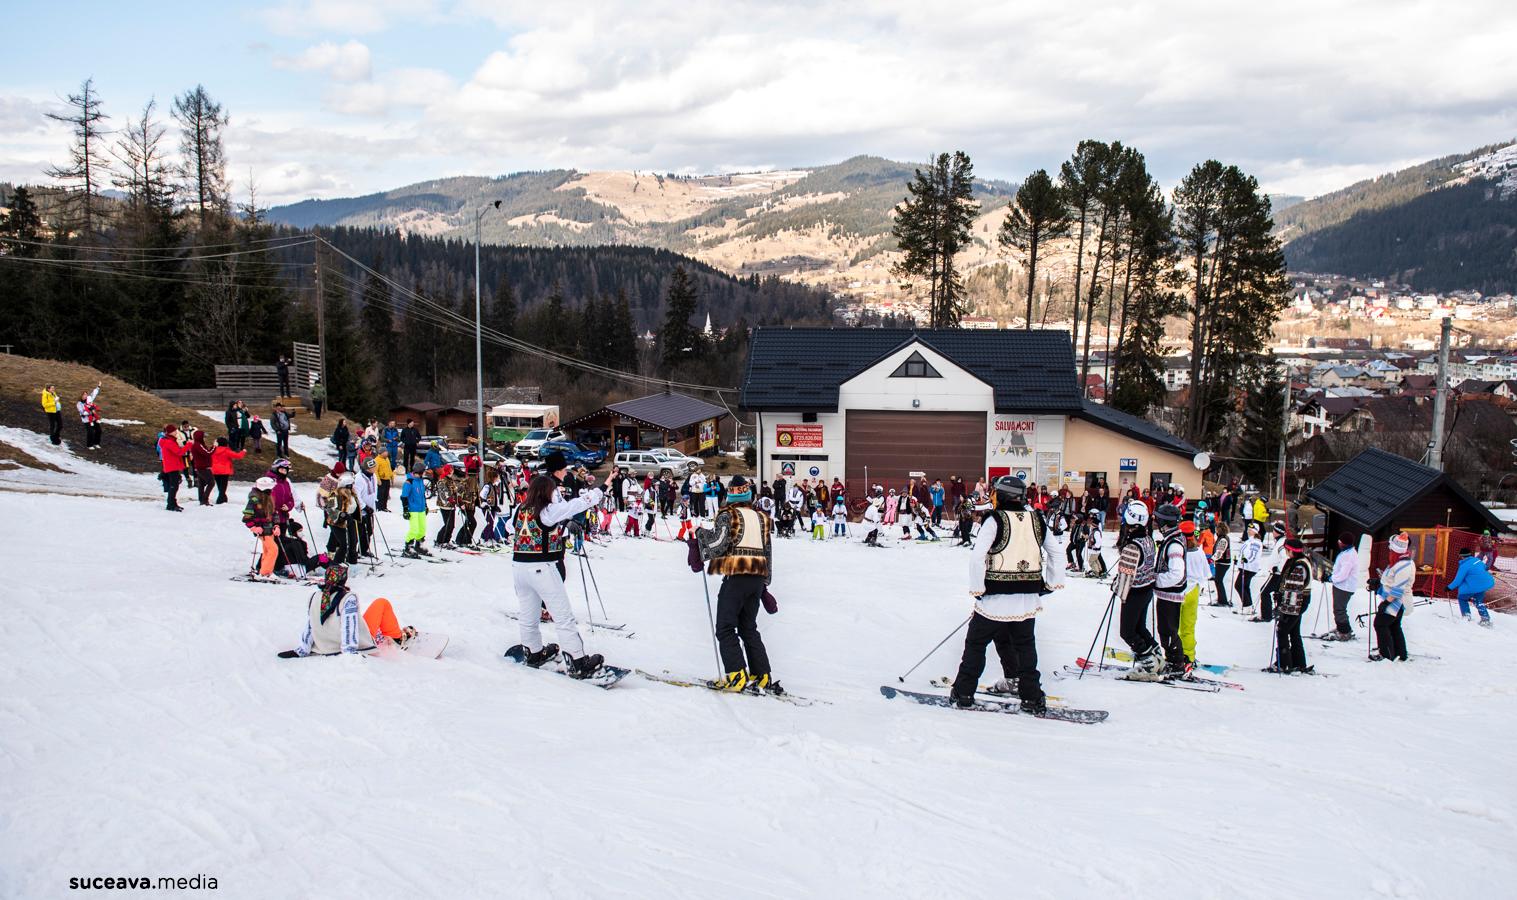 Ia-ți cămeșa și bundița / Hai la schi pe Veverița! (2021) (fotoreportaj)